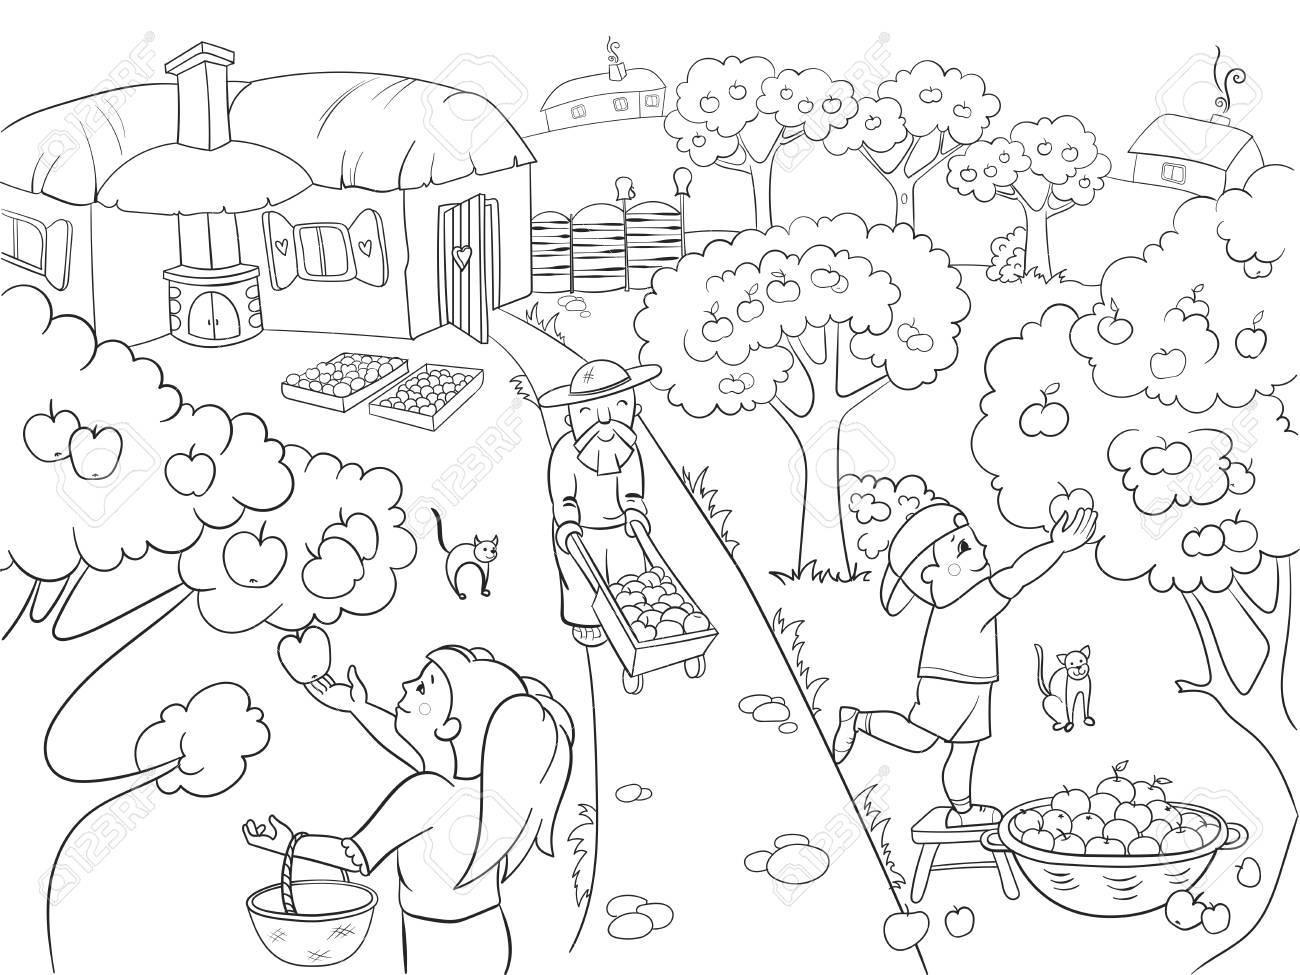 Niños Para Colorear De Dibujos Animados Sobre El Tema De La Ilustración De La Trama De La Cosecha Estilo Zentangle Blanco Y Negro Niños Jardín